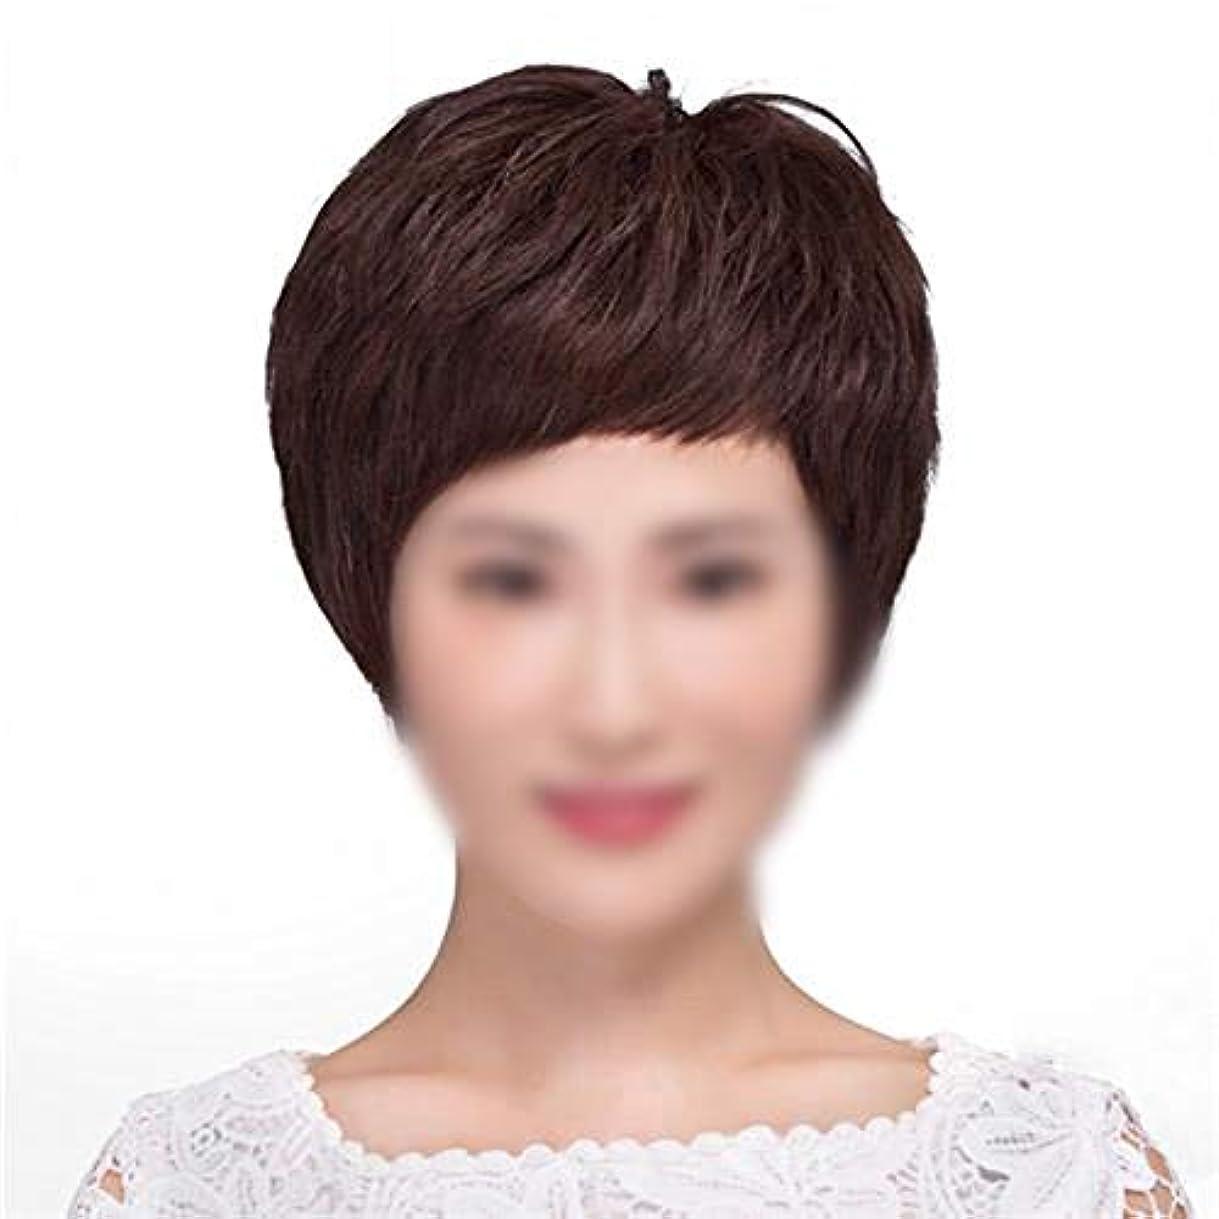 禁輸農業の汗YOUQIU 女性のパーティードレス毎日ウィッグ用ハンドニードルレアル髪ショートストレート髪ふわふわナチュラルウィッグ (色 : Natural black)